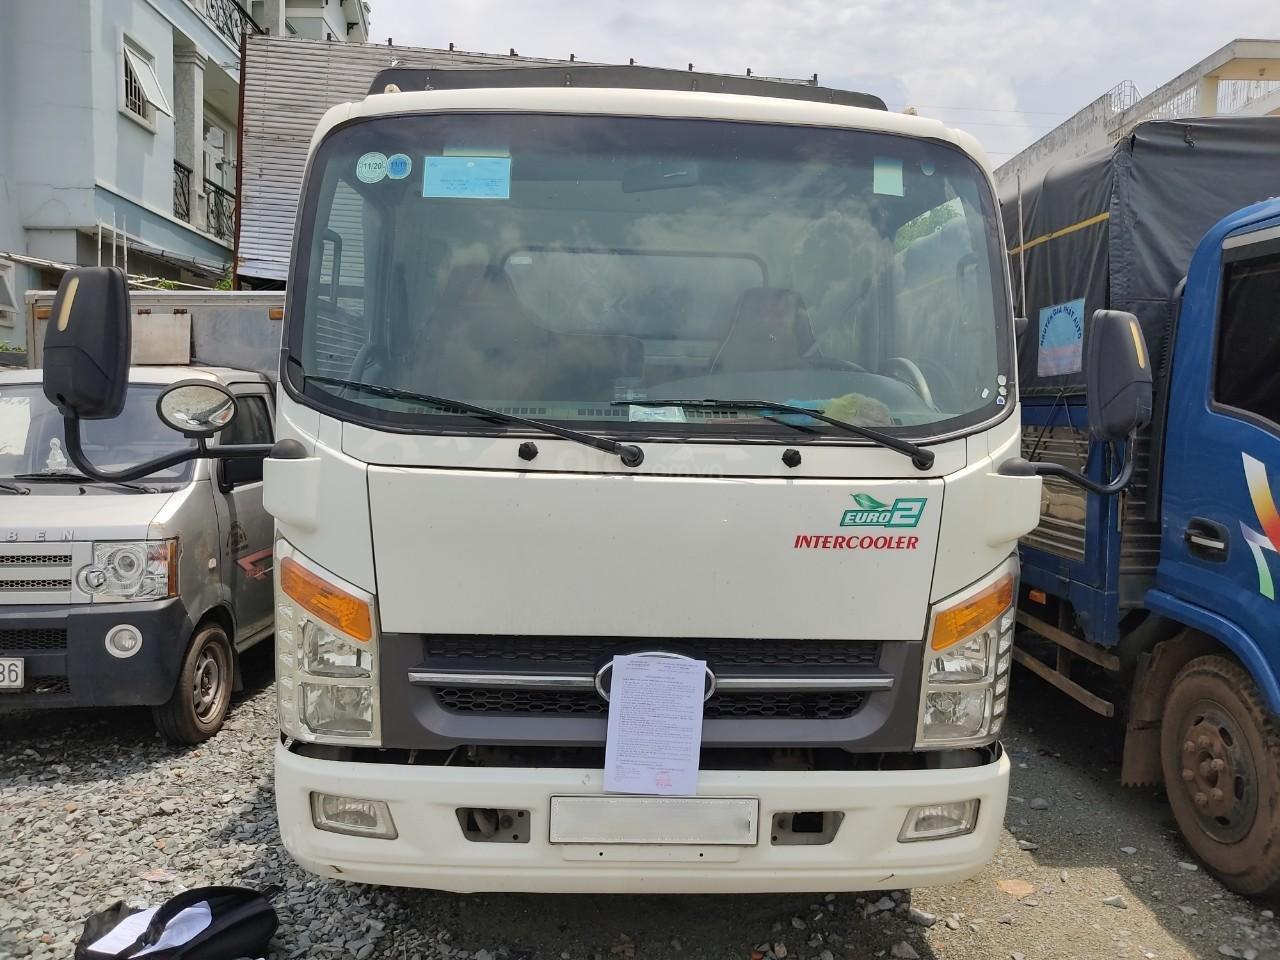 Bán xe tải thùng kín Isuzu, sản xuất 2017 Việt Nam, tải trọng 2,1 tấn giá 350tr (1)